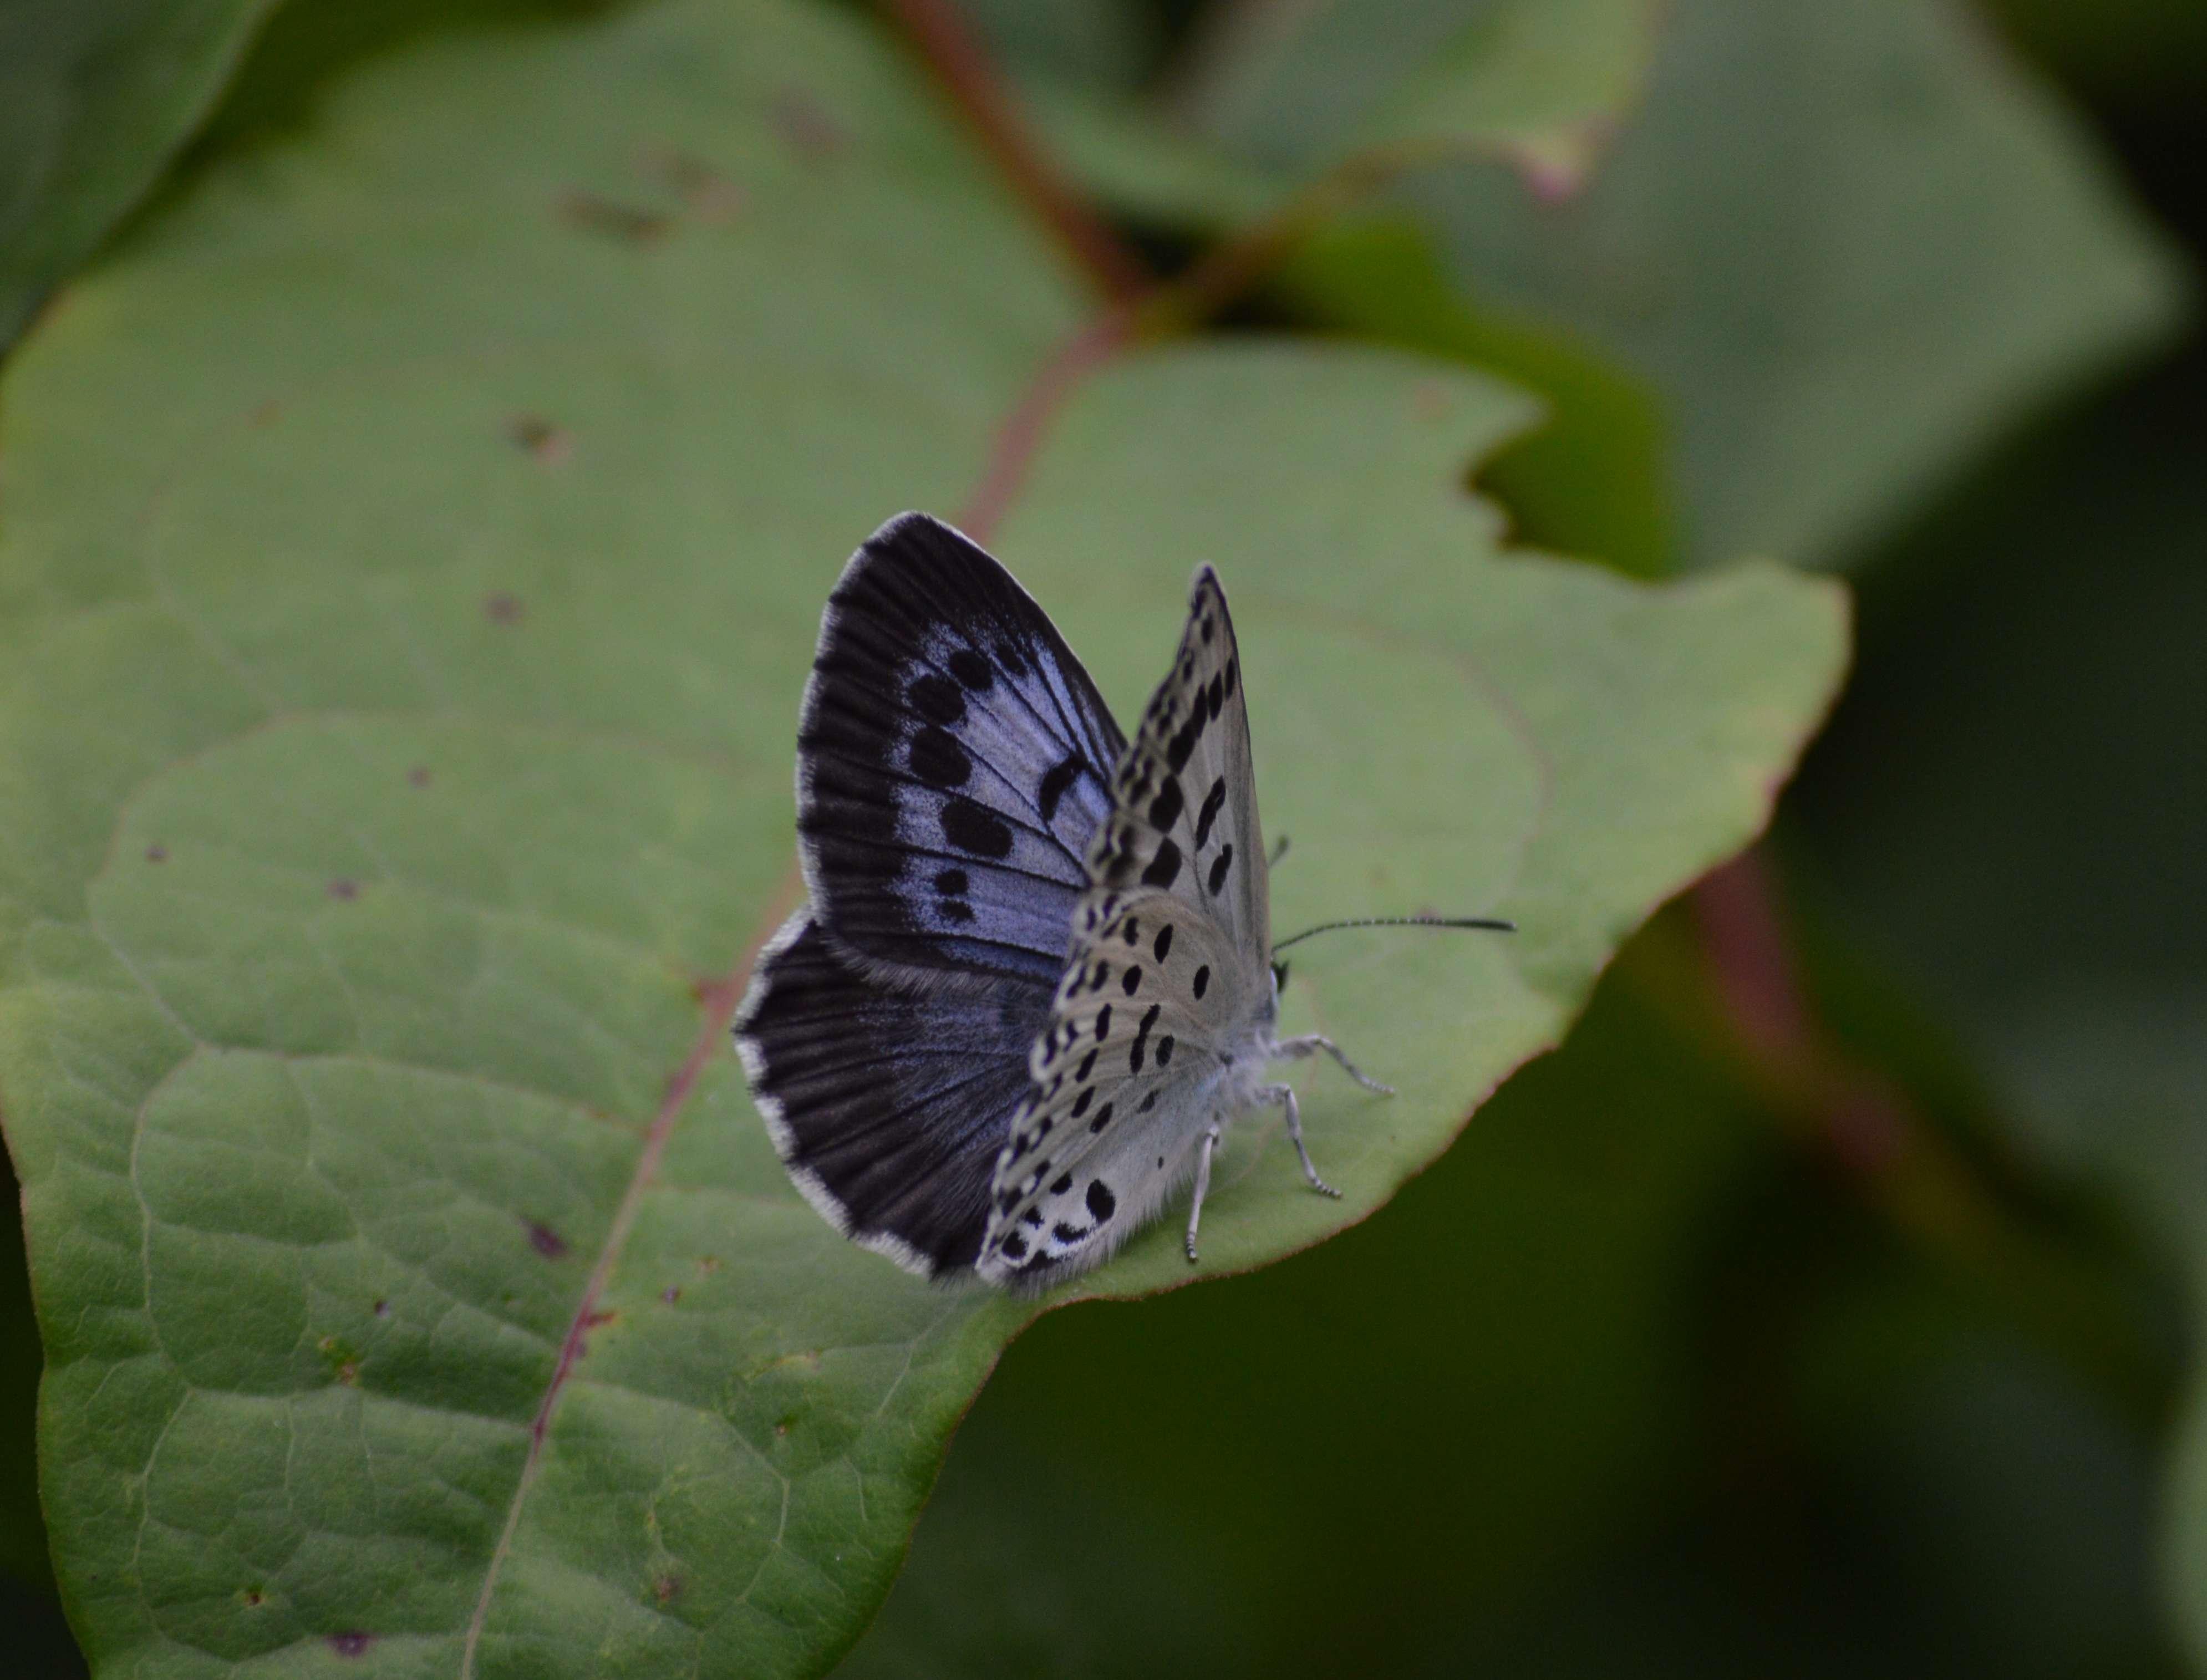 オオゴマシジミ やっぱりハードルの高い蝶でした_d0254540_15133333.jpg